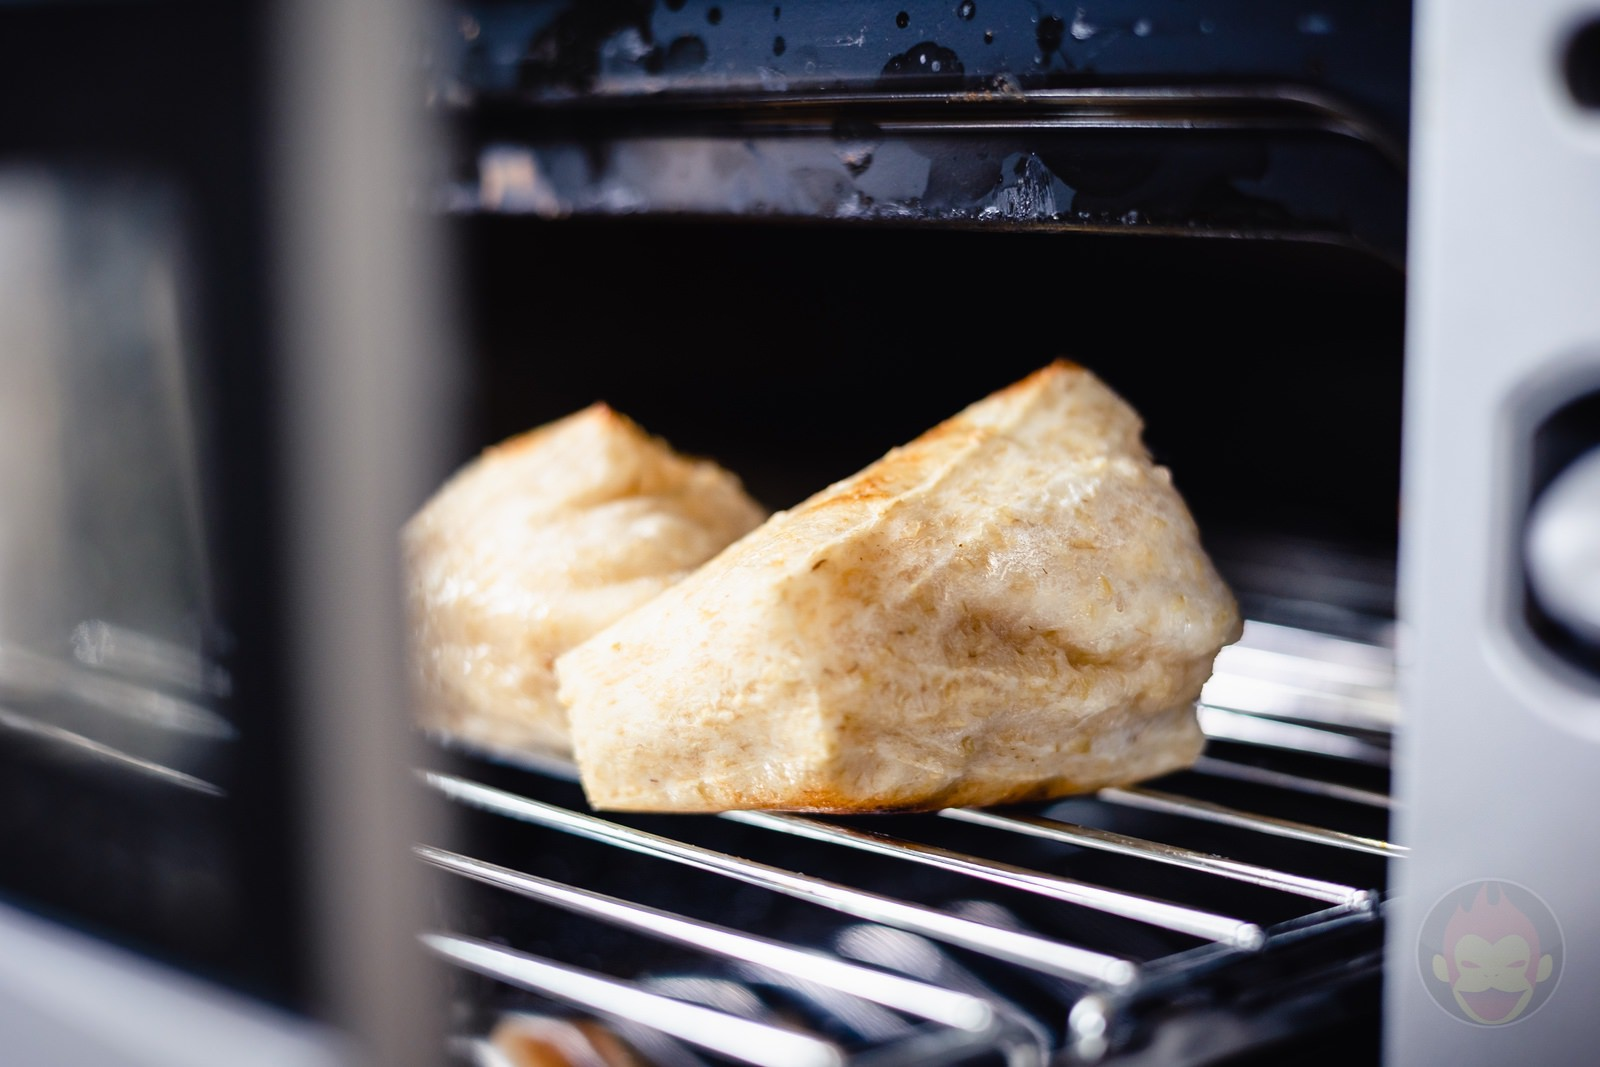 GoriMe-morning-routine-making-breakfast-06.jpg